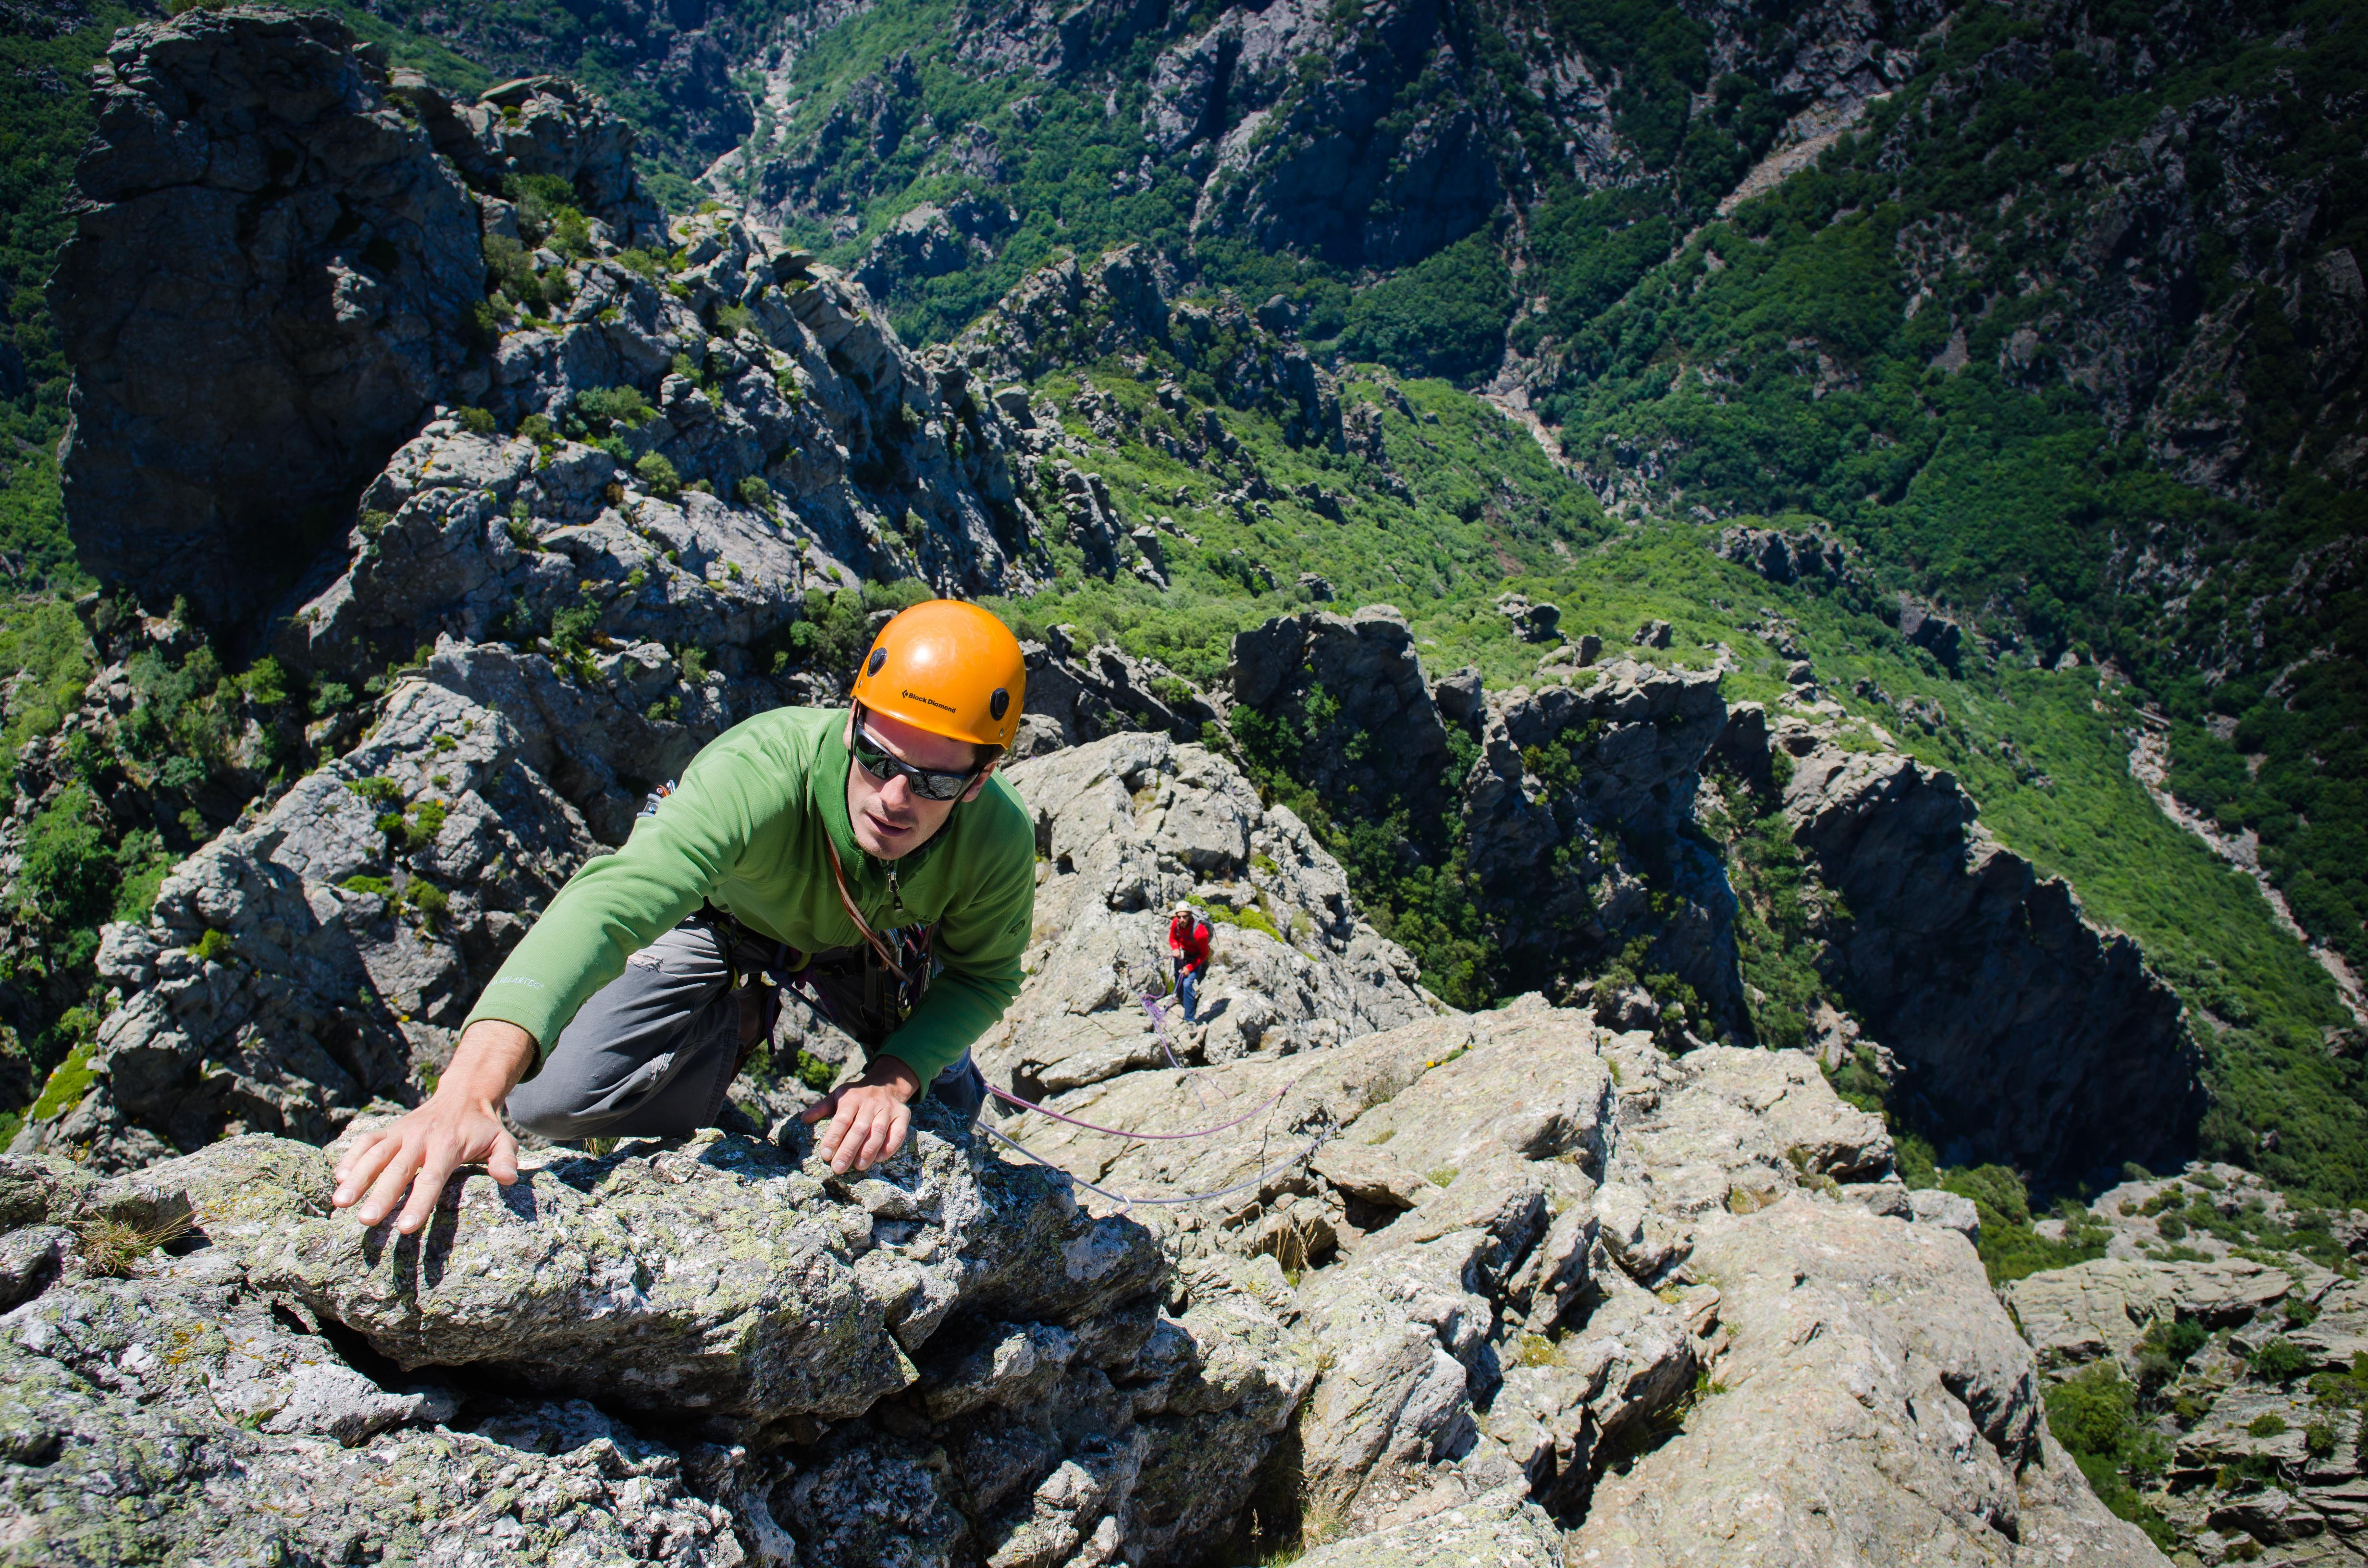 Escalade du Pic St Loup jusqu'aux Gorges du Tarn